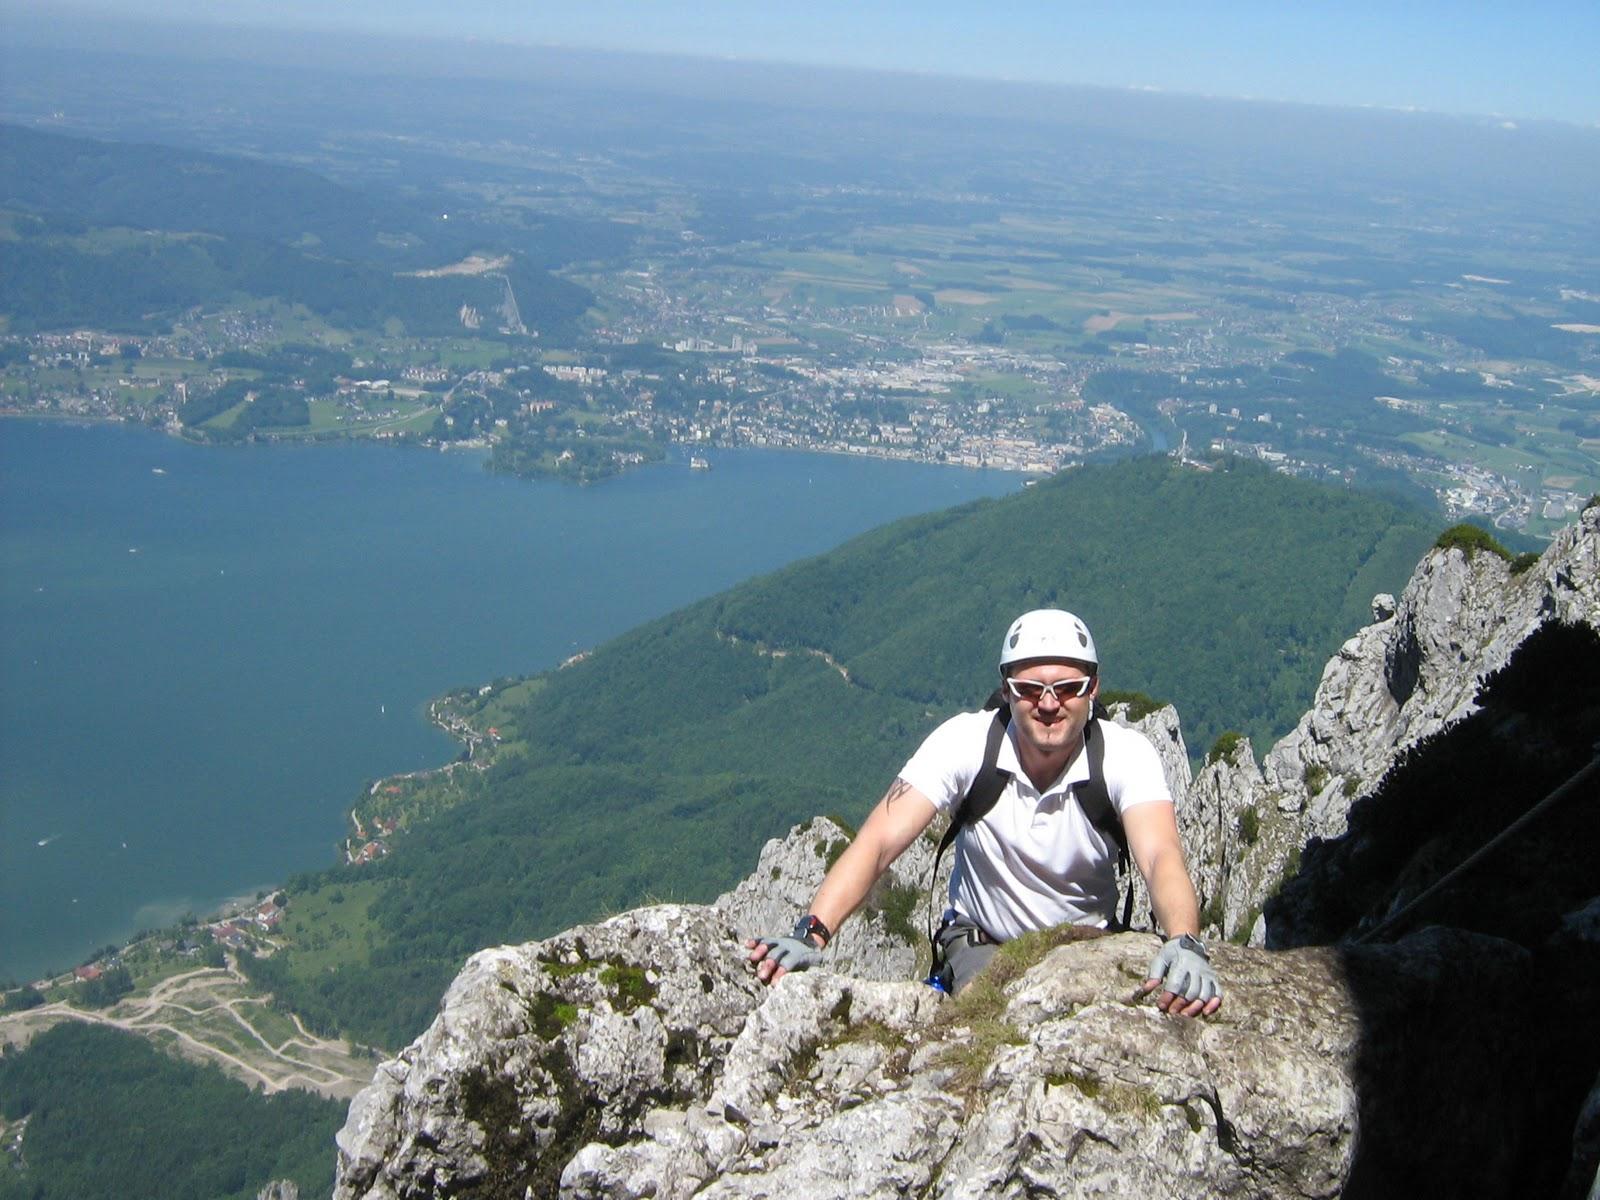 Klettersteig Traunstein : Höhenrausch: traunsee klettersteig d traunstein